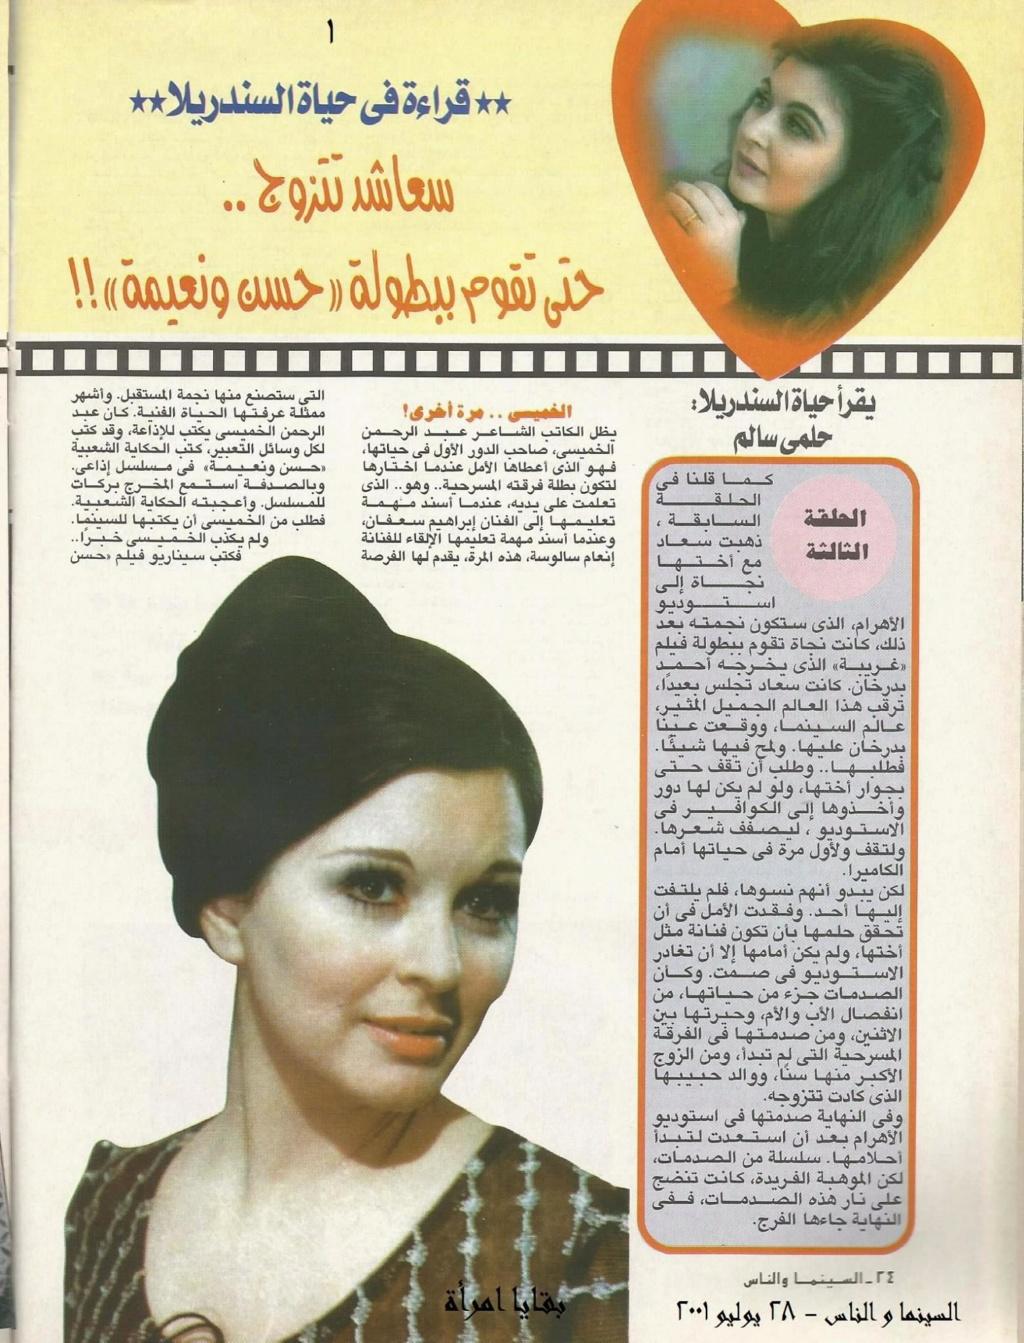 مقال - مقال صحفي : سعاد تتزوج .. حتى تقوم ببطولة حسن ونعيمة !! 2001 م 1224